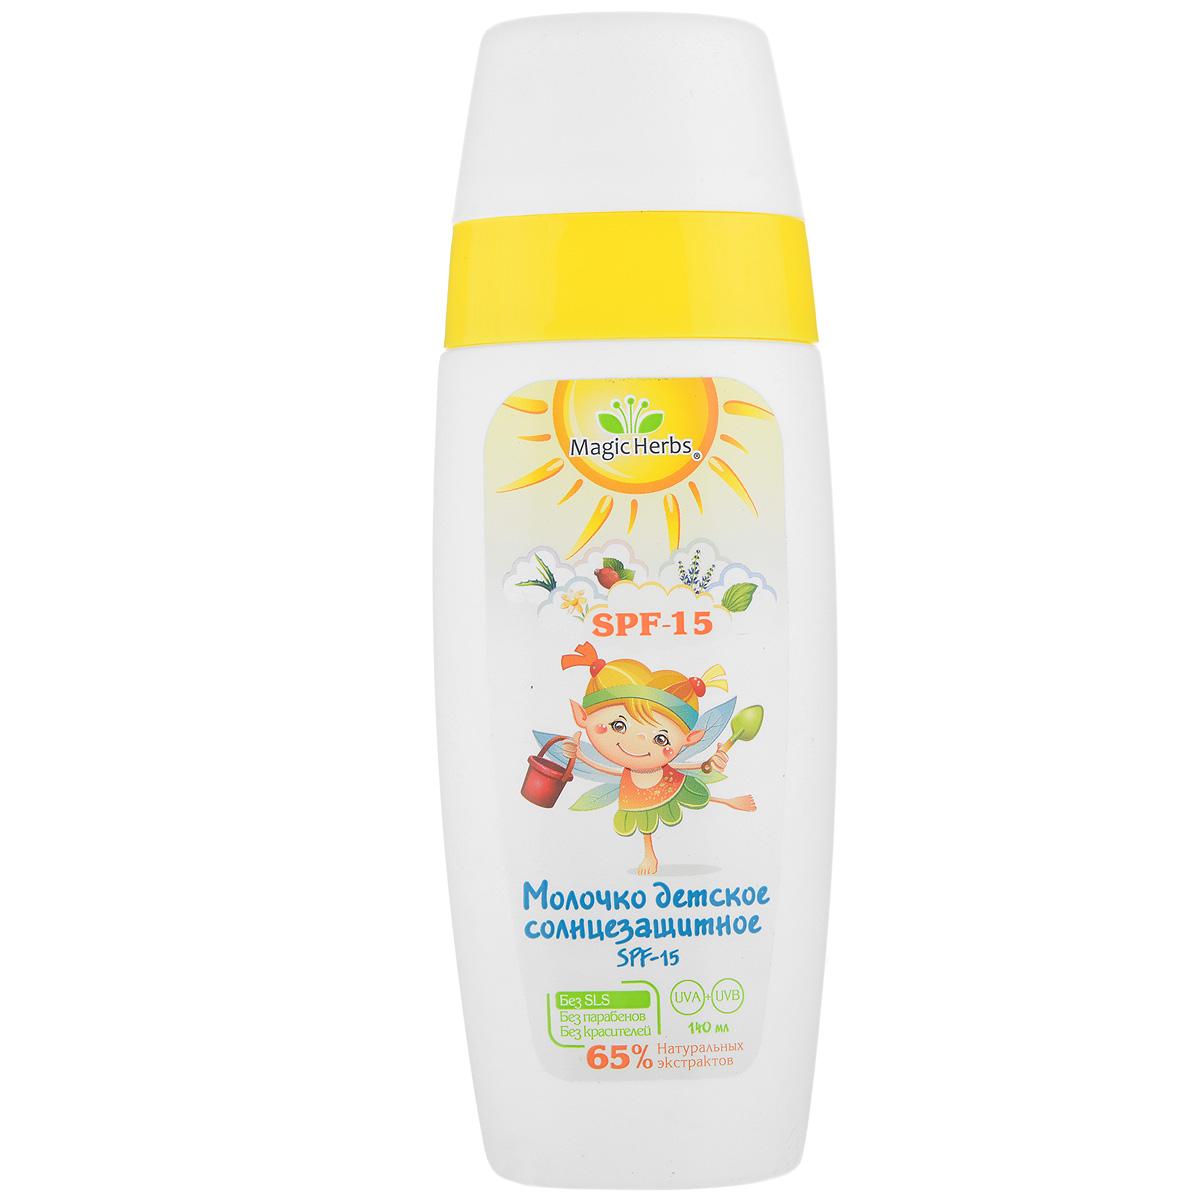 Magic Herbs Молочко детское солнцезащитное, SPF-15, 140 млБП224Молочко детское солнцезащитное Magic Herbs - это эффективная защита от солнца, благодаря входящей в состав высокоэффективной системе UVA/UVB фильтров. Экстракты ромашки, подорожника, шиповника, лаванды и алоэ, входящие в состав детского молочка, оказывают увлажняющее и смягчающее действие. При воздействии ультрафиолетовых лучей запускается полная система защиты: подавляется окислительный стресс. Генерируется дополнительная защита от ультрафиолетовых лучей. Блокируется дальнейшее образование свободных радикалов. Суммарный защитный эффект системы сохраняется или даже увеличивается. Товар сертифицирован.